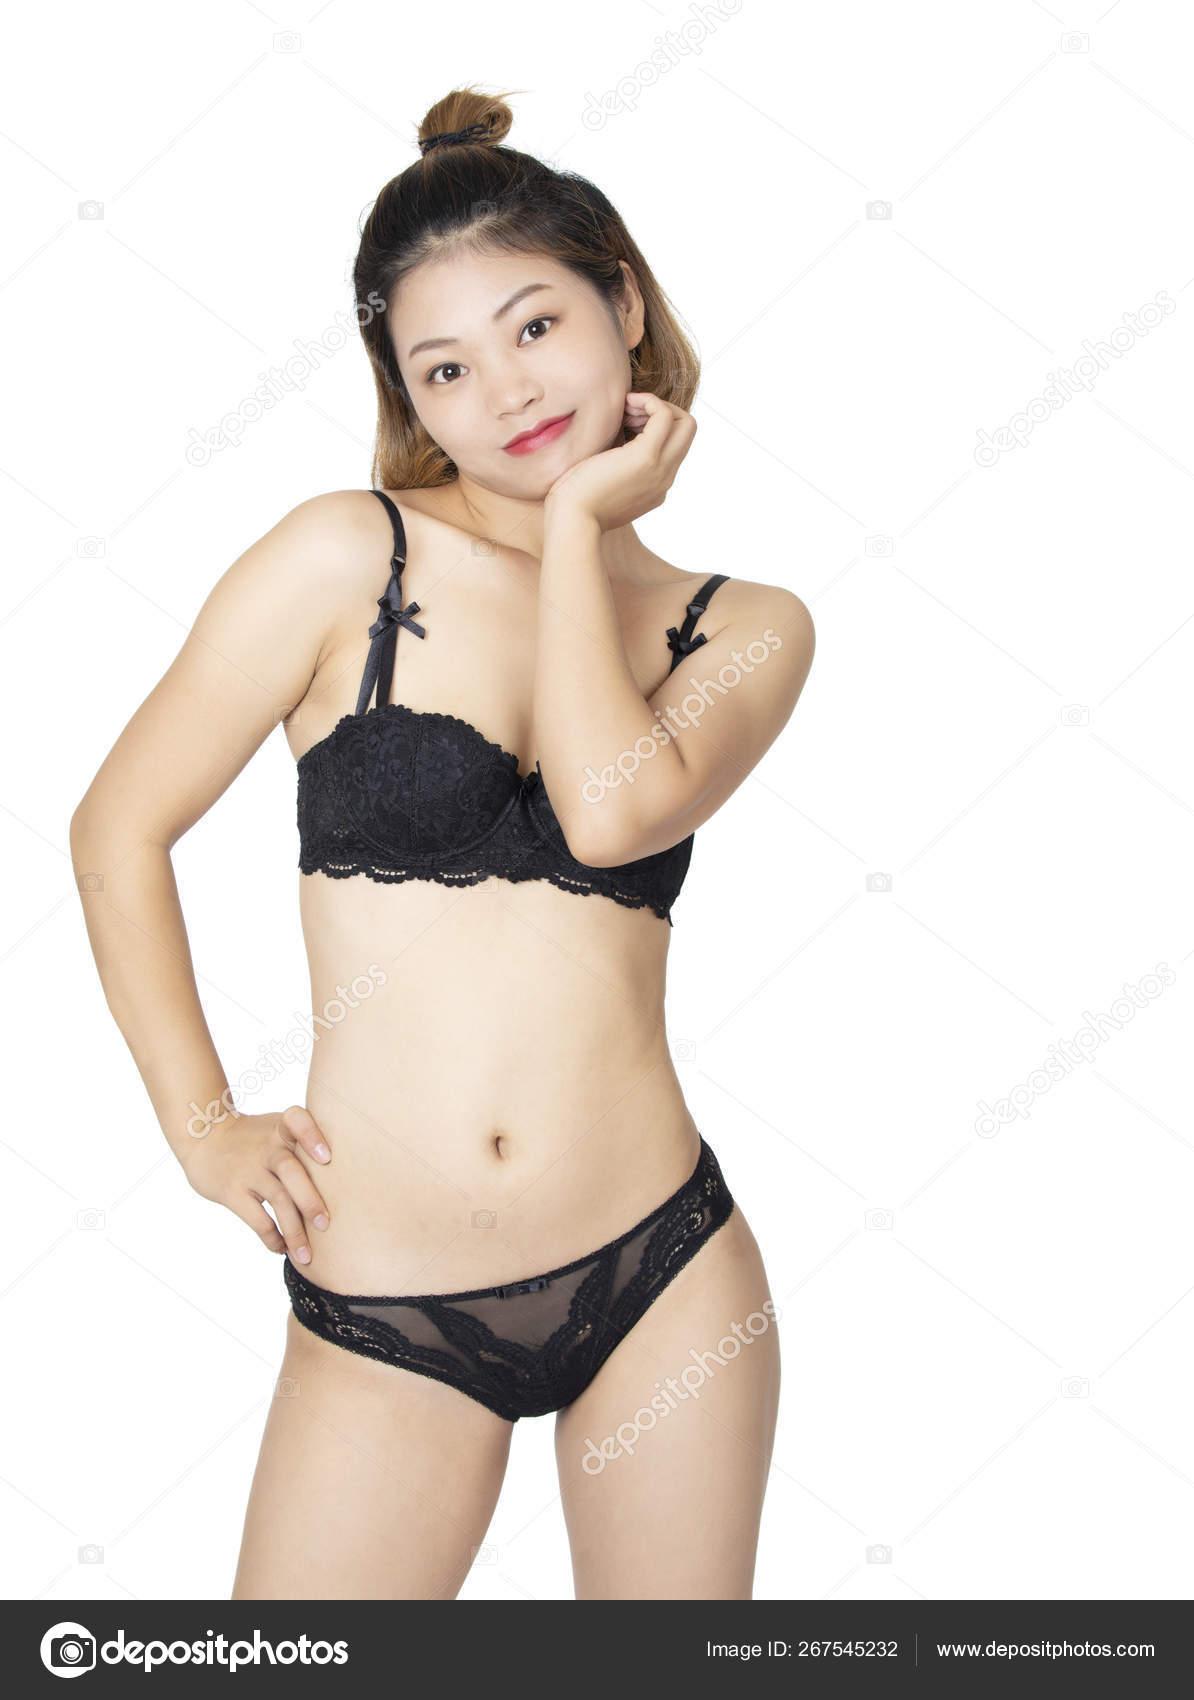 da109a05108d Hermosa mujer China en un par de bragas negras y sostén aislado sobre fondo  blanco. — Foto de dndavis